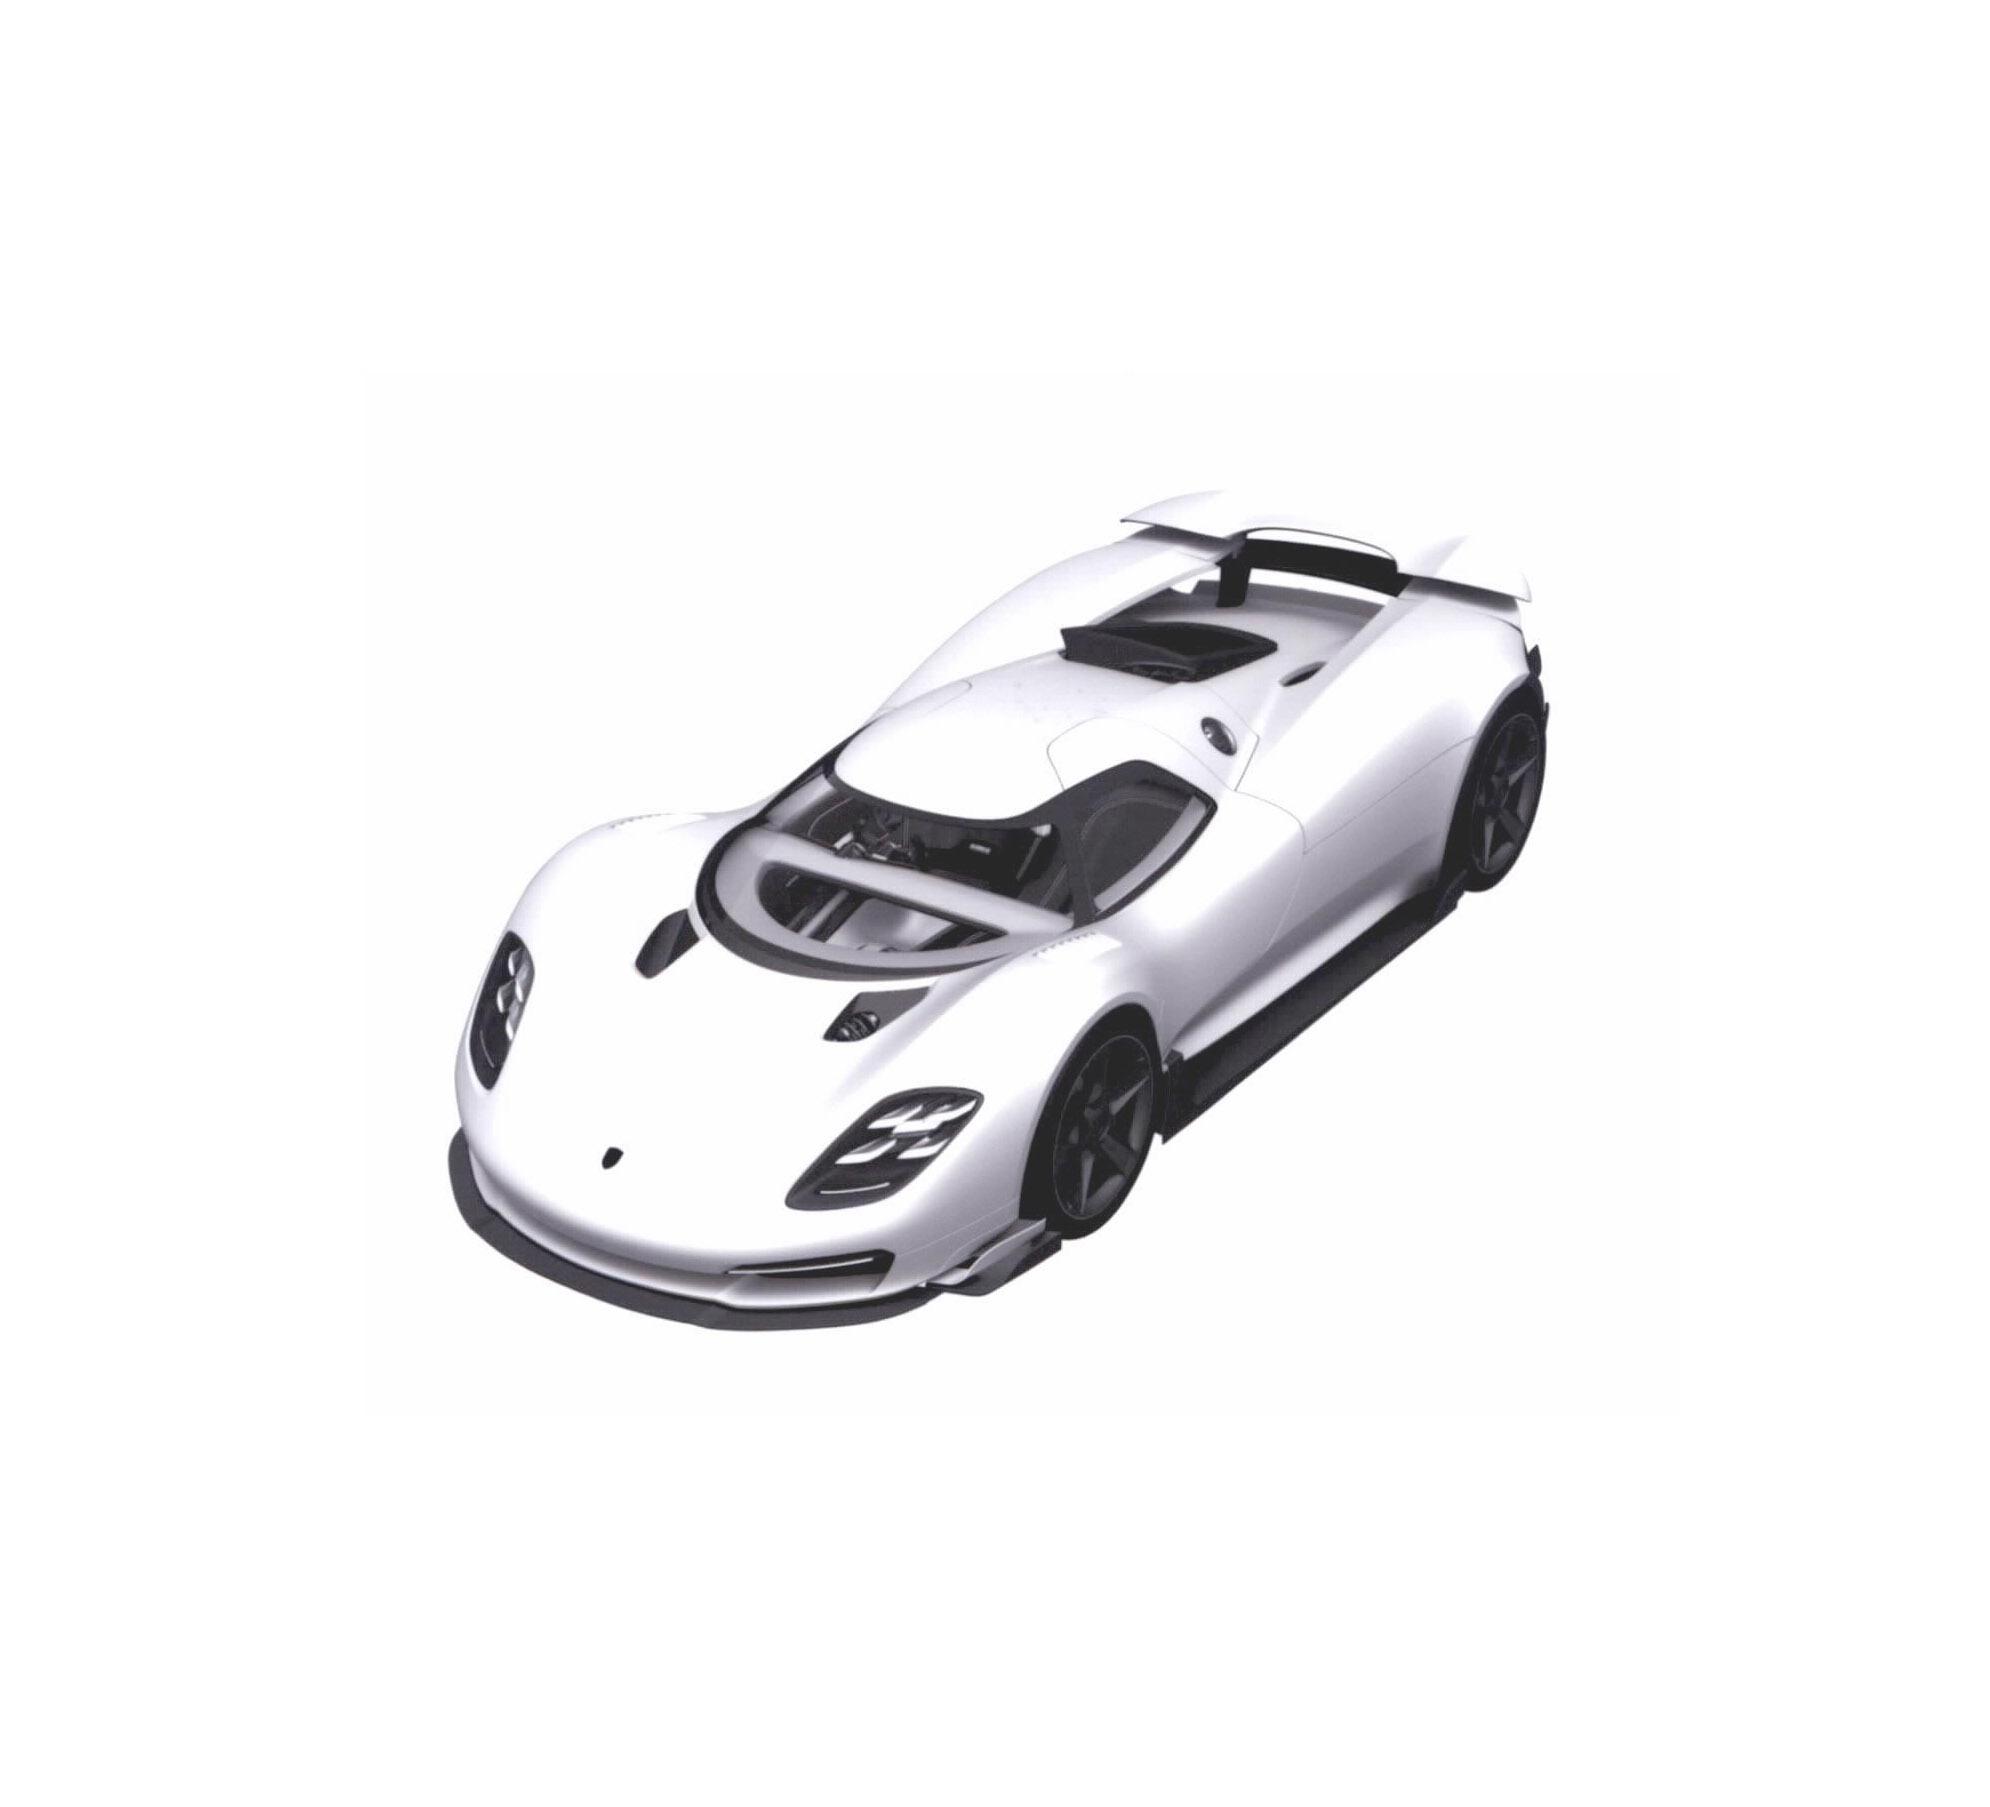 Patente de novo hipercarro da Porsche